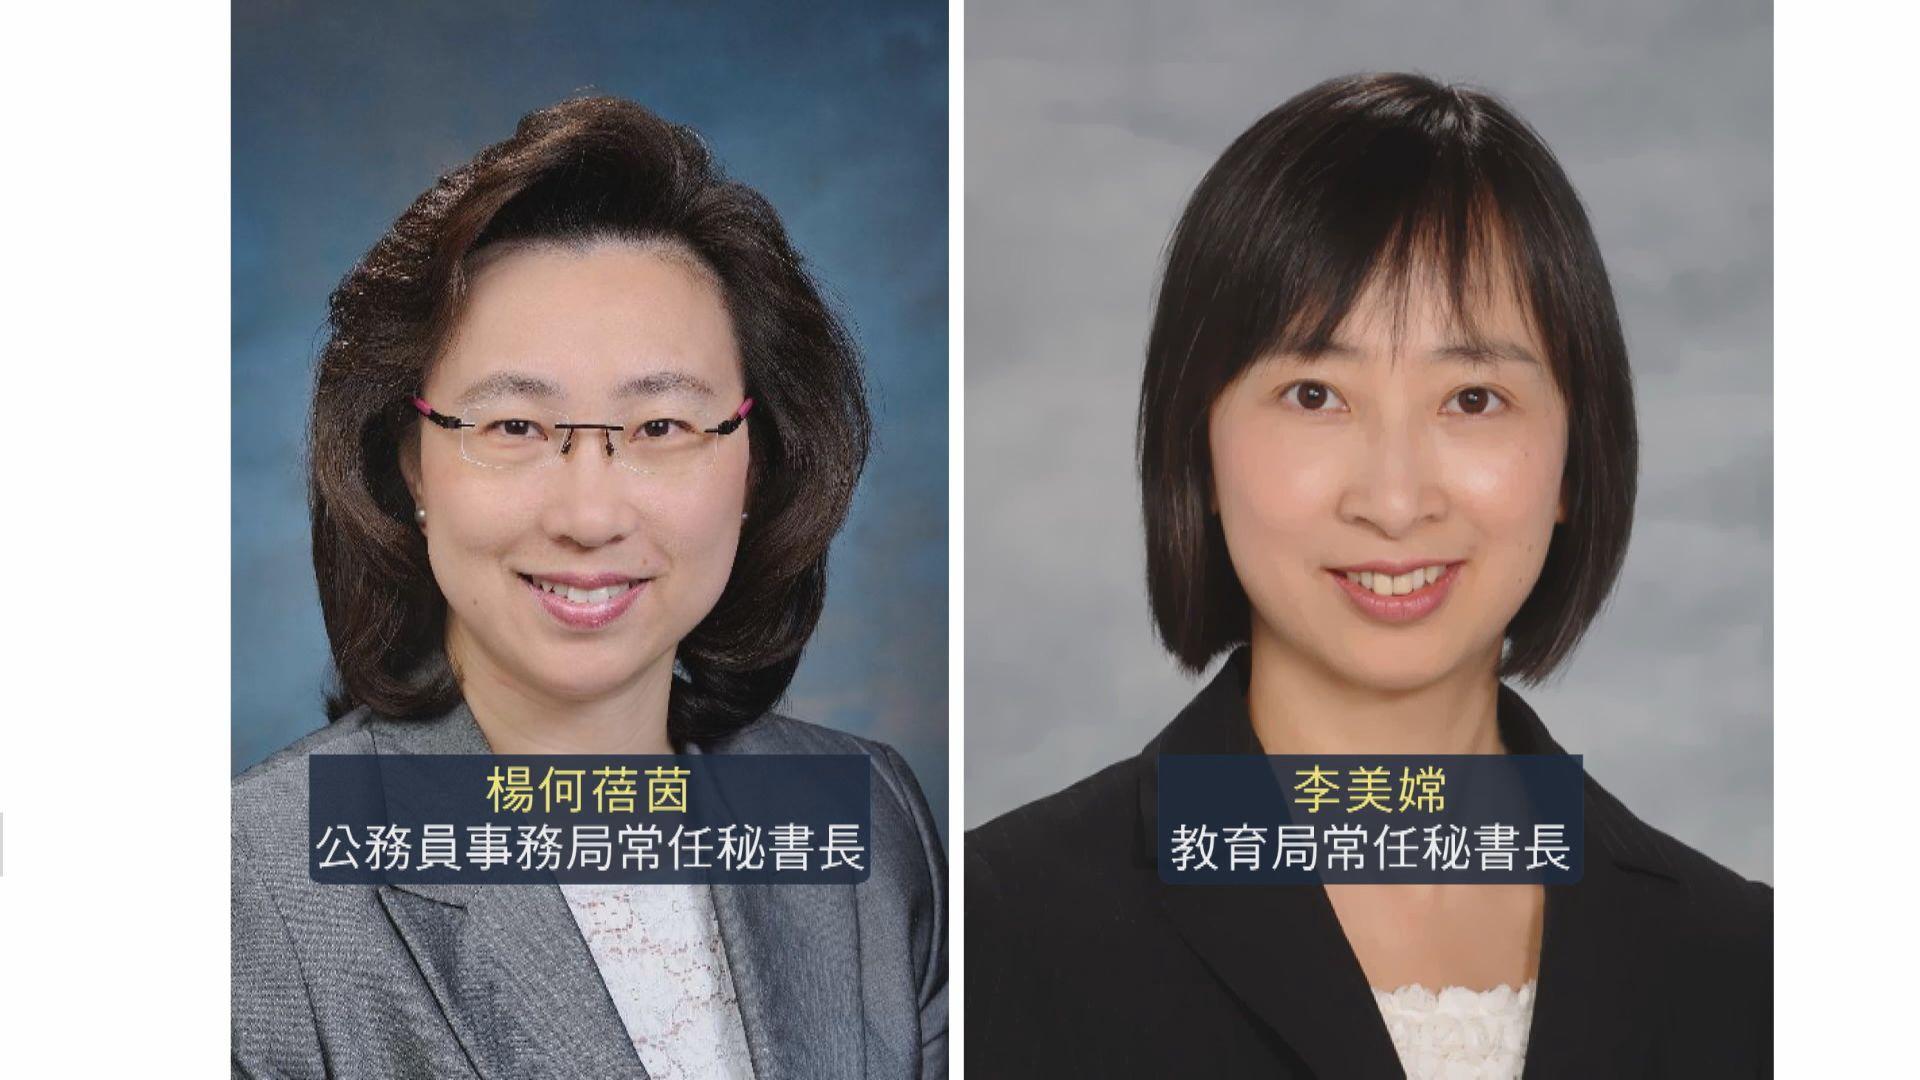 楊何蓓茵下月出任公務員事務局常秘